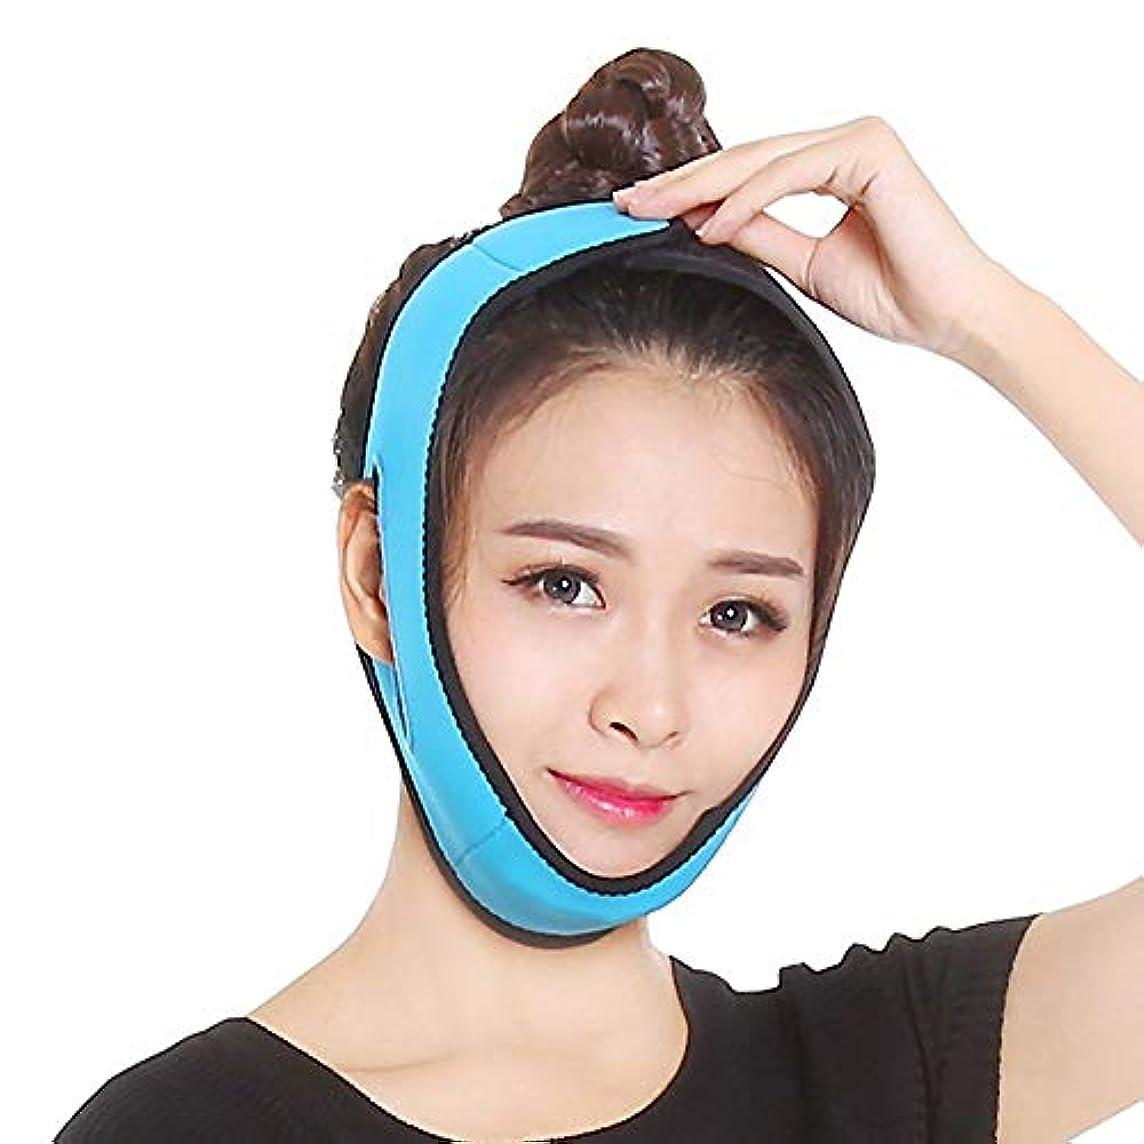 好意畝間切り下げフェイスリフトベルト 薄い顔のベルト - 薄い顔のツール薄い顔のベルト通気性のラテックスのマッサージV型の顔のアーティファクトの顔の薄いマスク